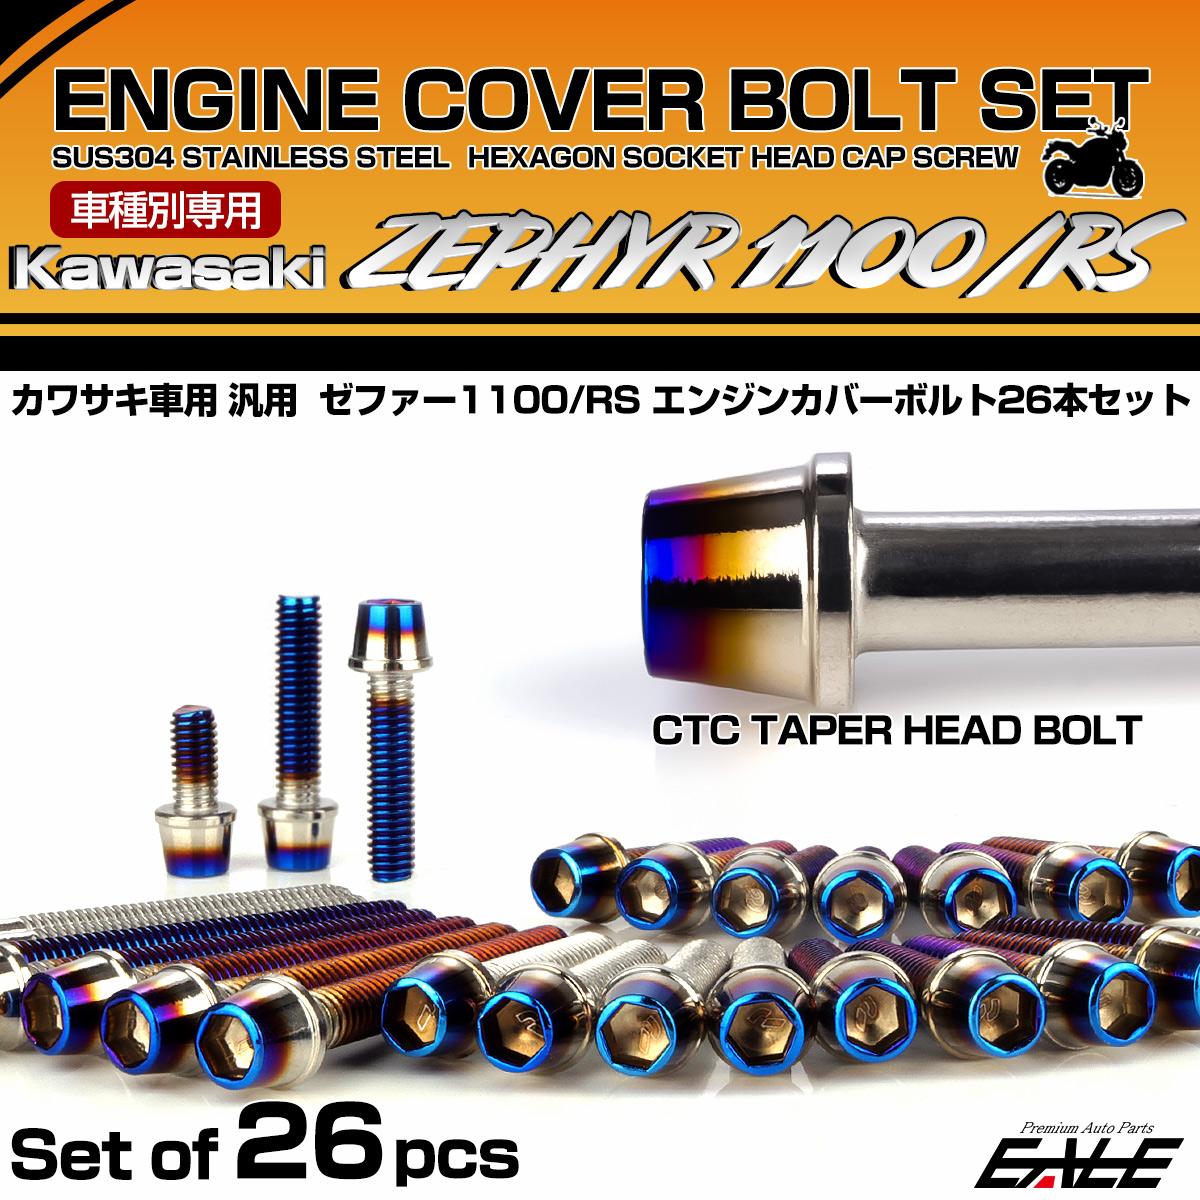 ゼファー1100 RS エンジンカバーボルト 26本セット カワサキ車用 ZEPHYR CTCテーパーヘッド シルバー&焼きチタン TB8154